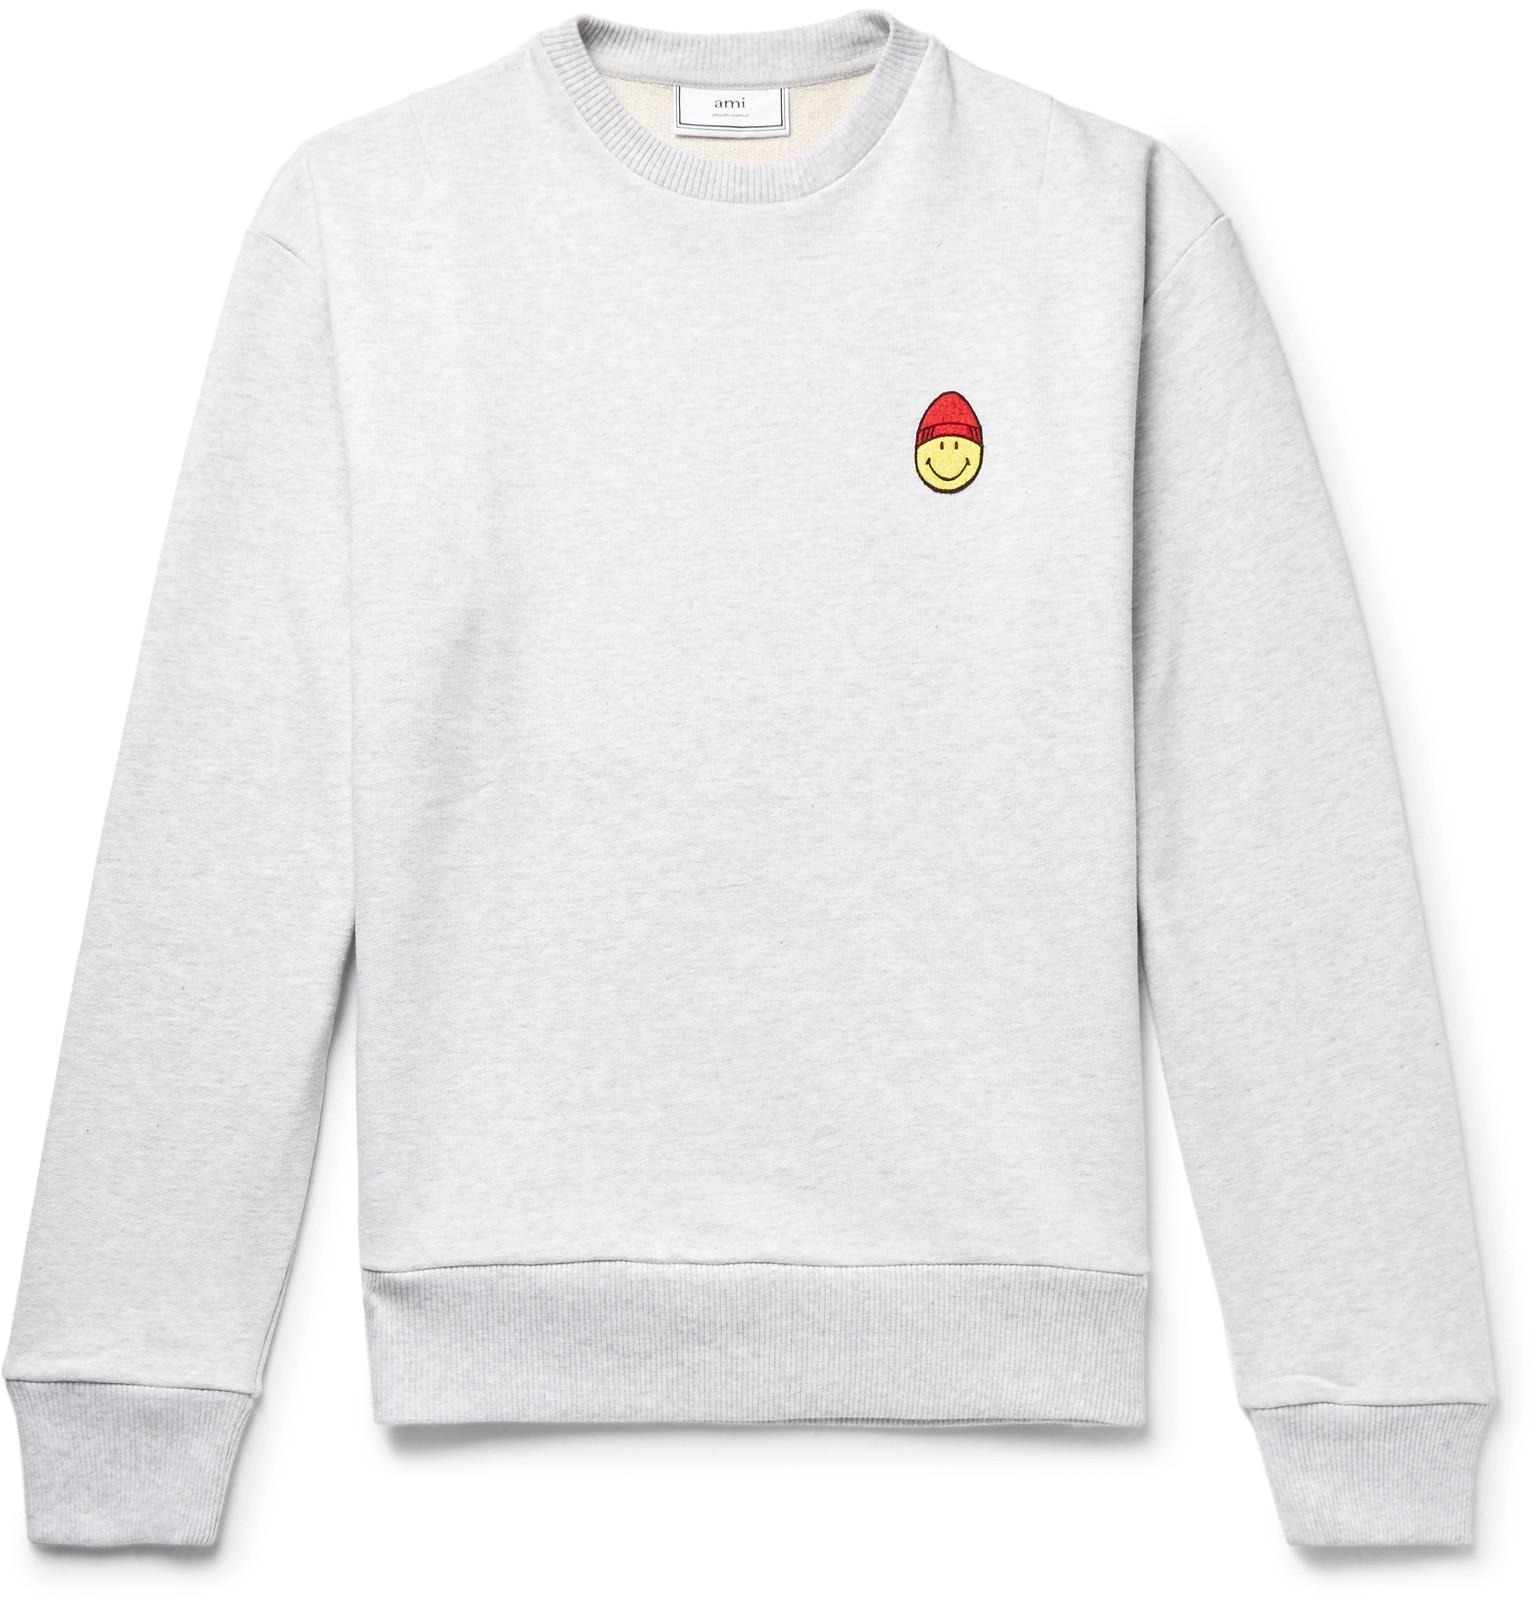 Ami Appliquéd Loopback Cotton-jersey Sweatshirt - Gray Y671JlKsjM